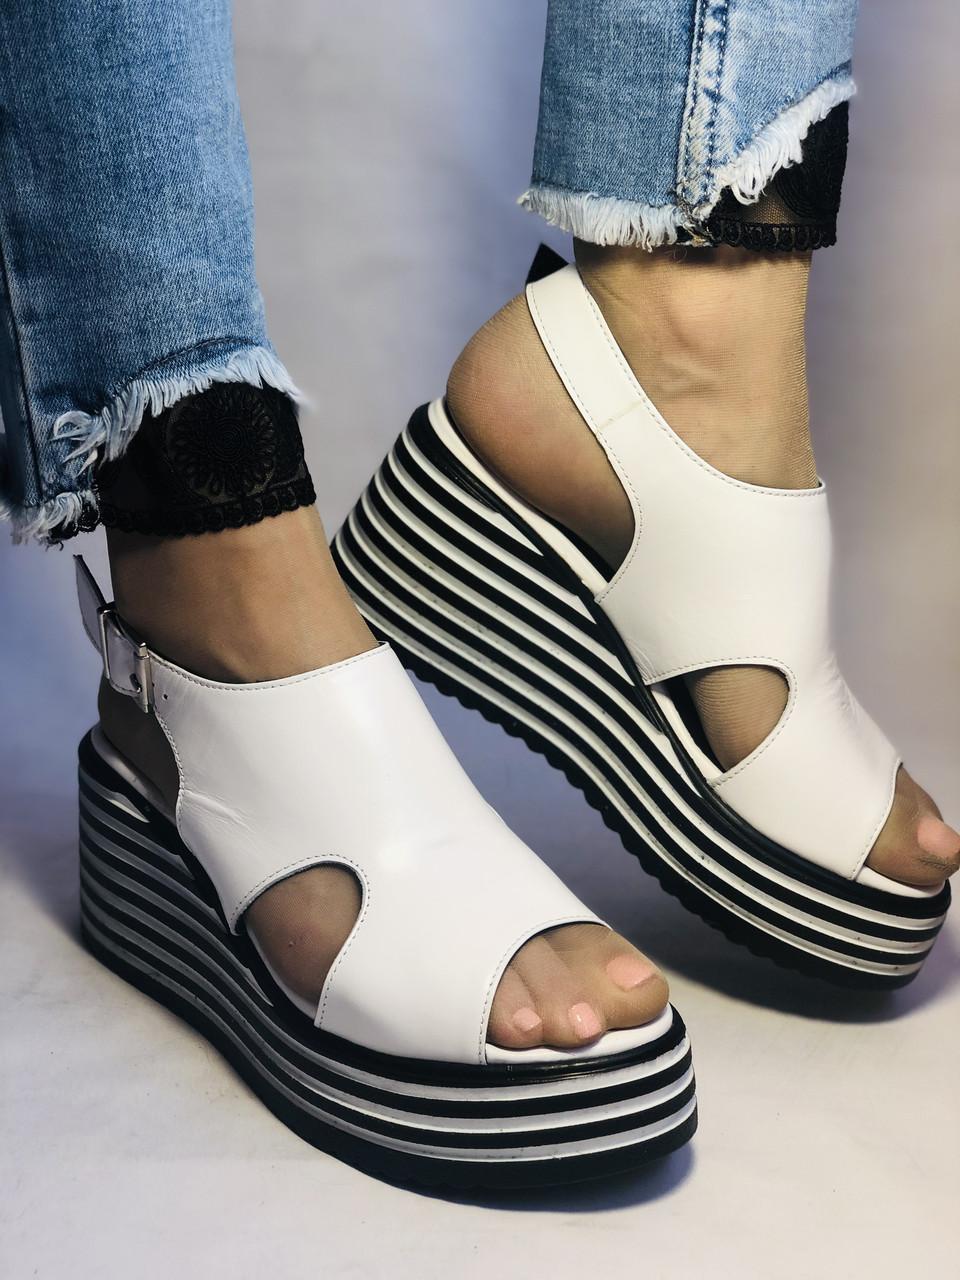 Хіт! Жіночі босоніжки на середній платформі. Натуральна шкіра.Туреччина. Розмір 37-40/ Vellena